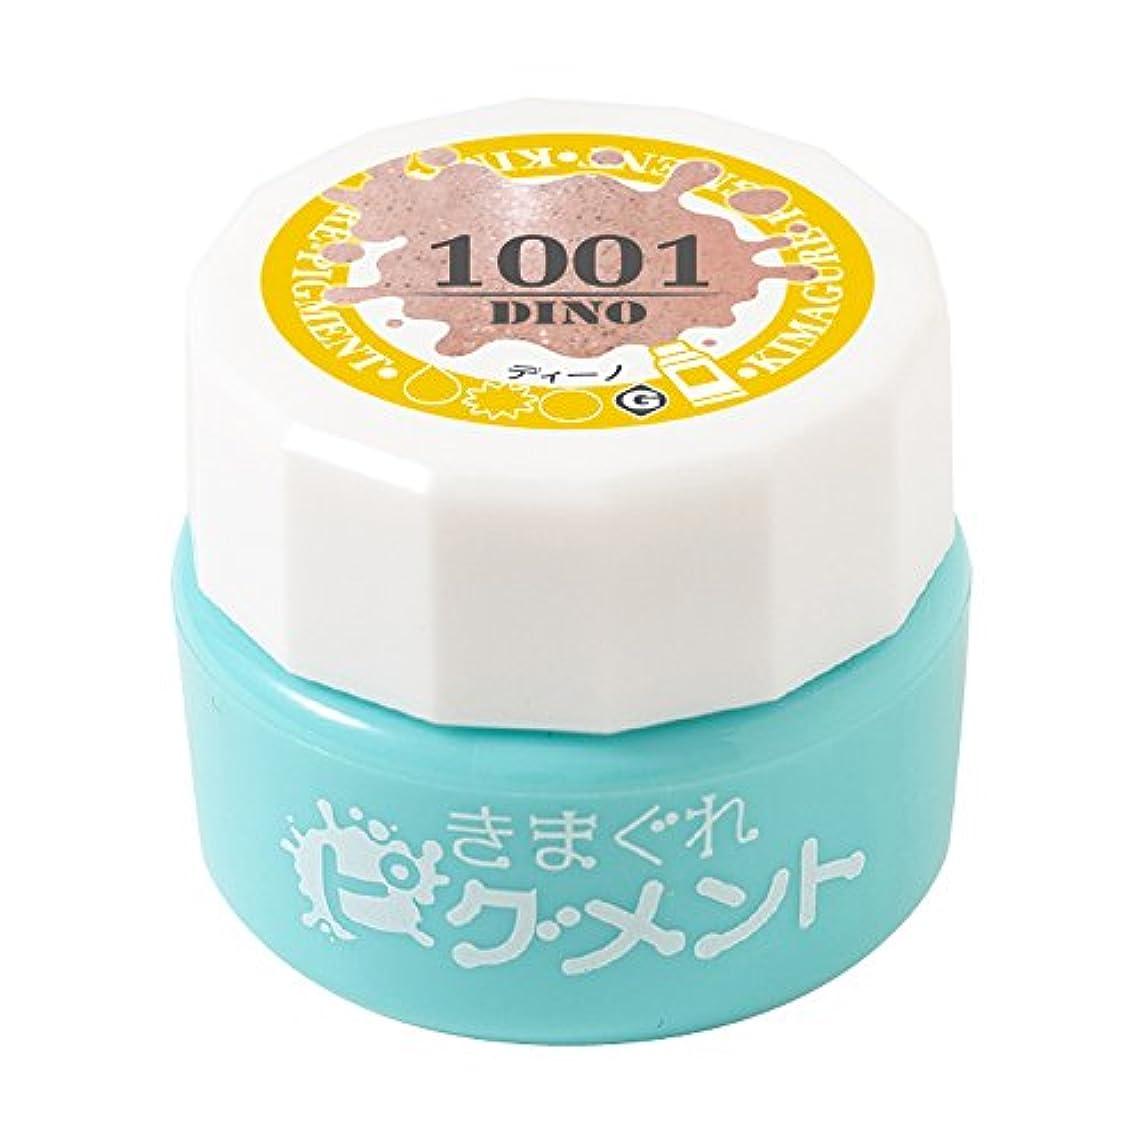 瞳バック塊Bettygel きまぐれピグメント ディーノ QYJ-1001 4g UV/LED対応